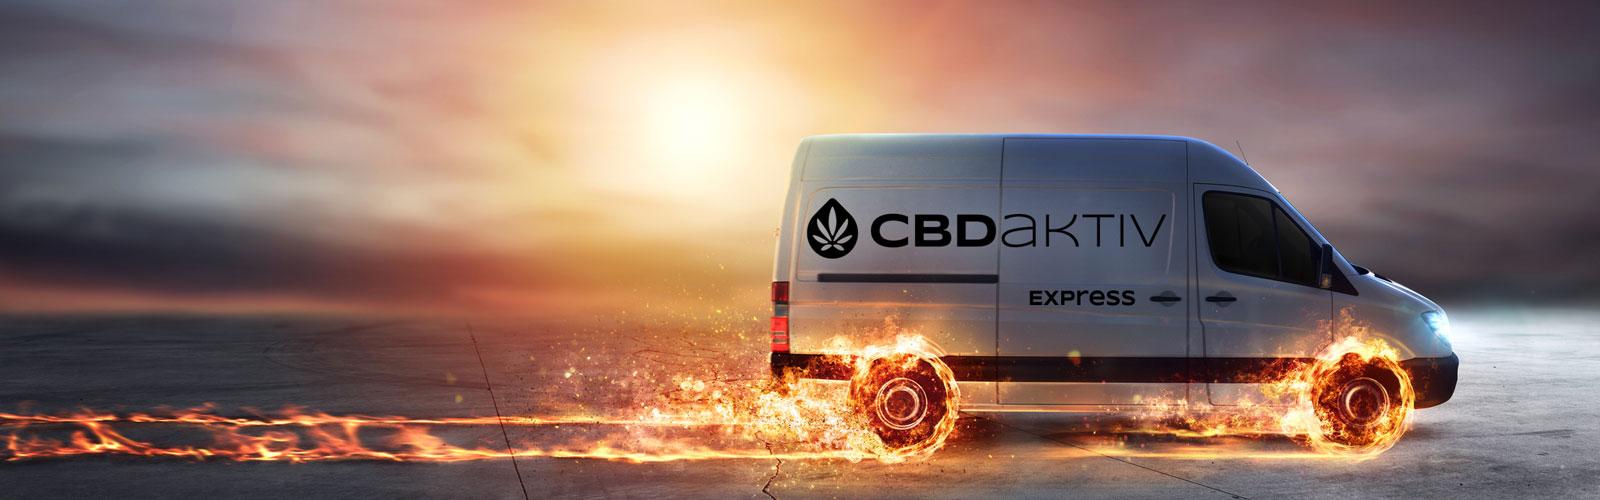 CBDaktiv wieder lieferbar